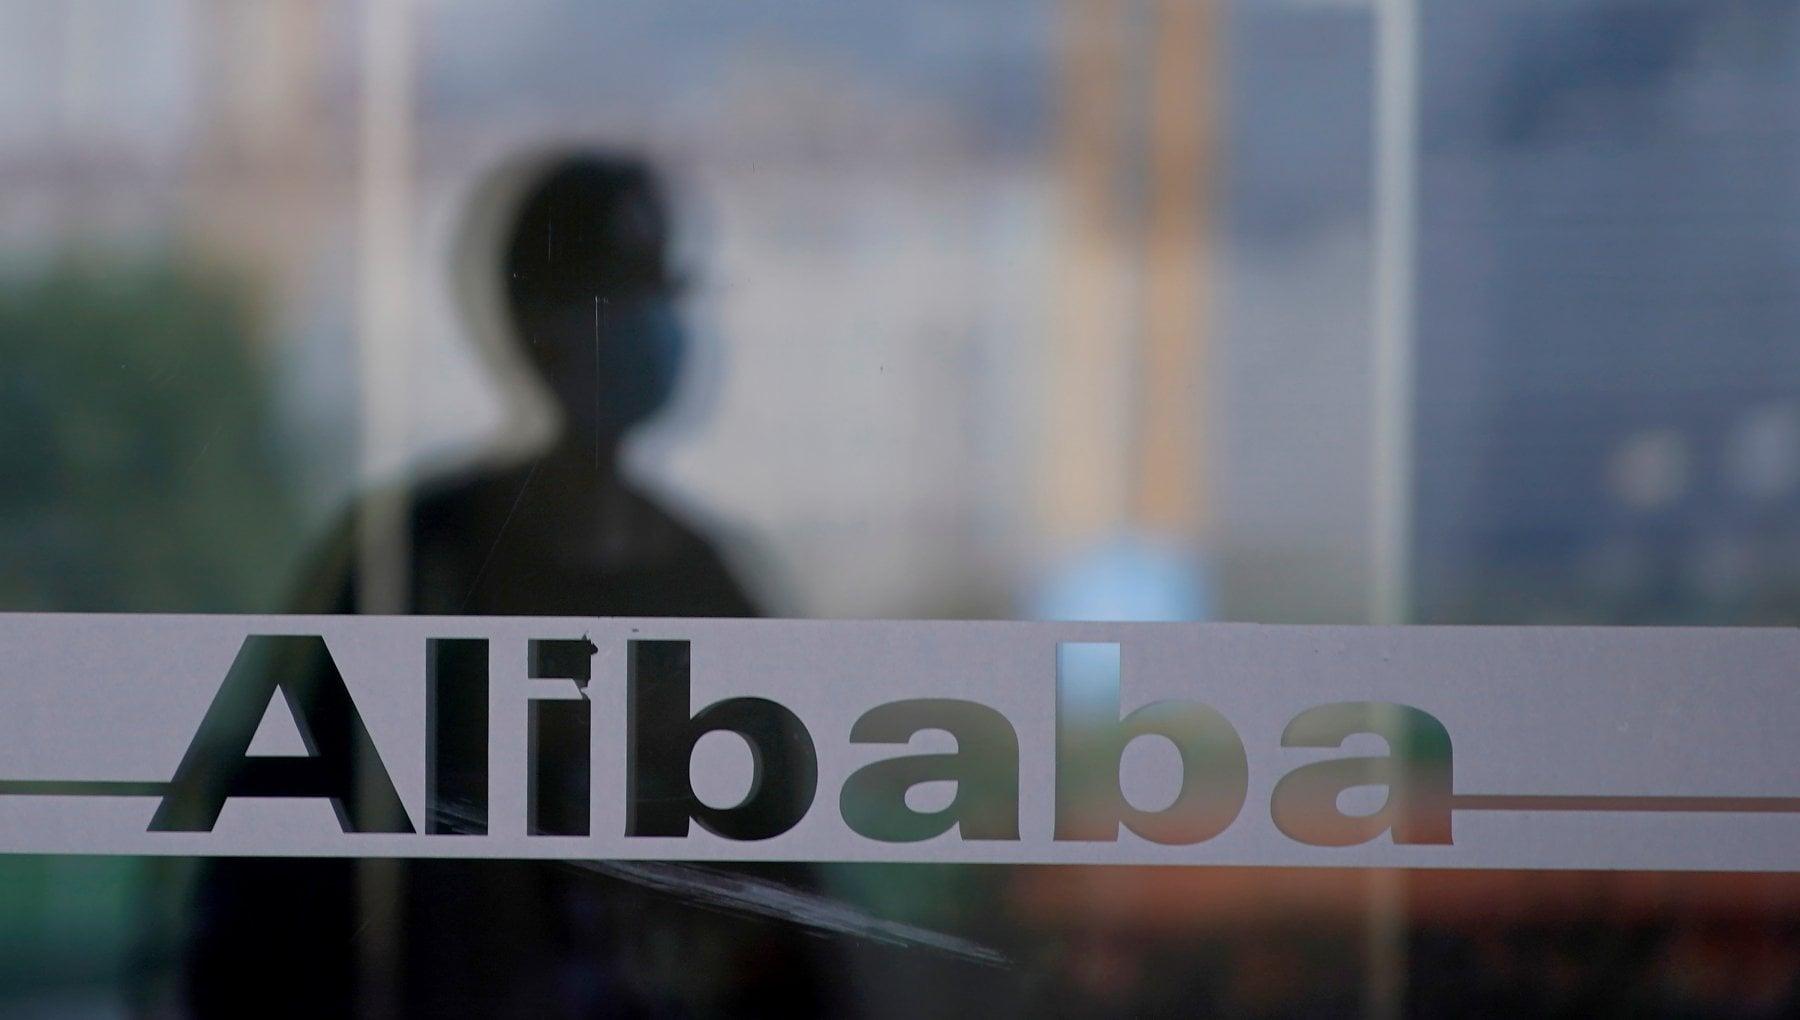 Festa dei single amara per Alibaba co la stretta cinese sul tech fa crollare i giganti del web